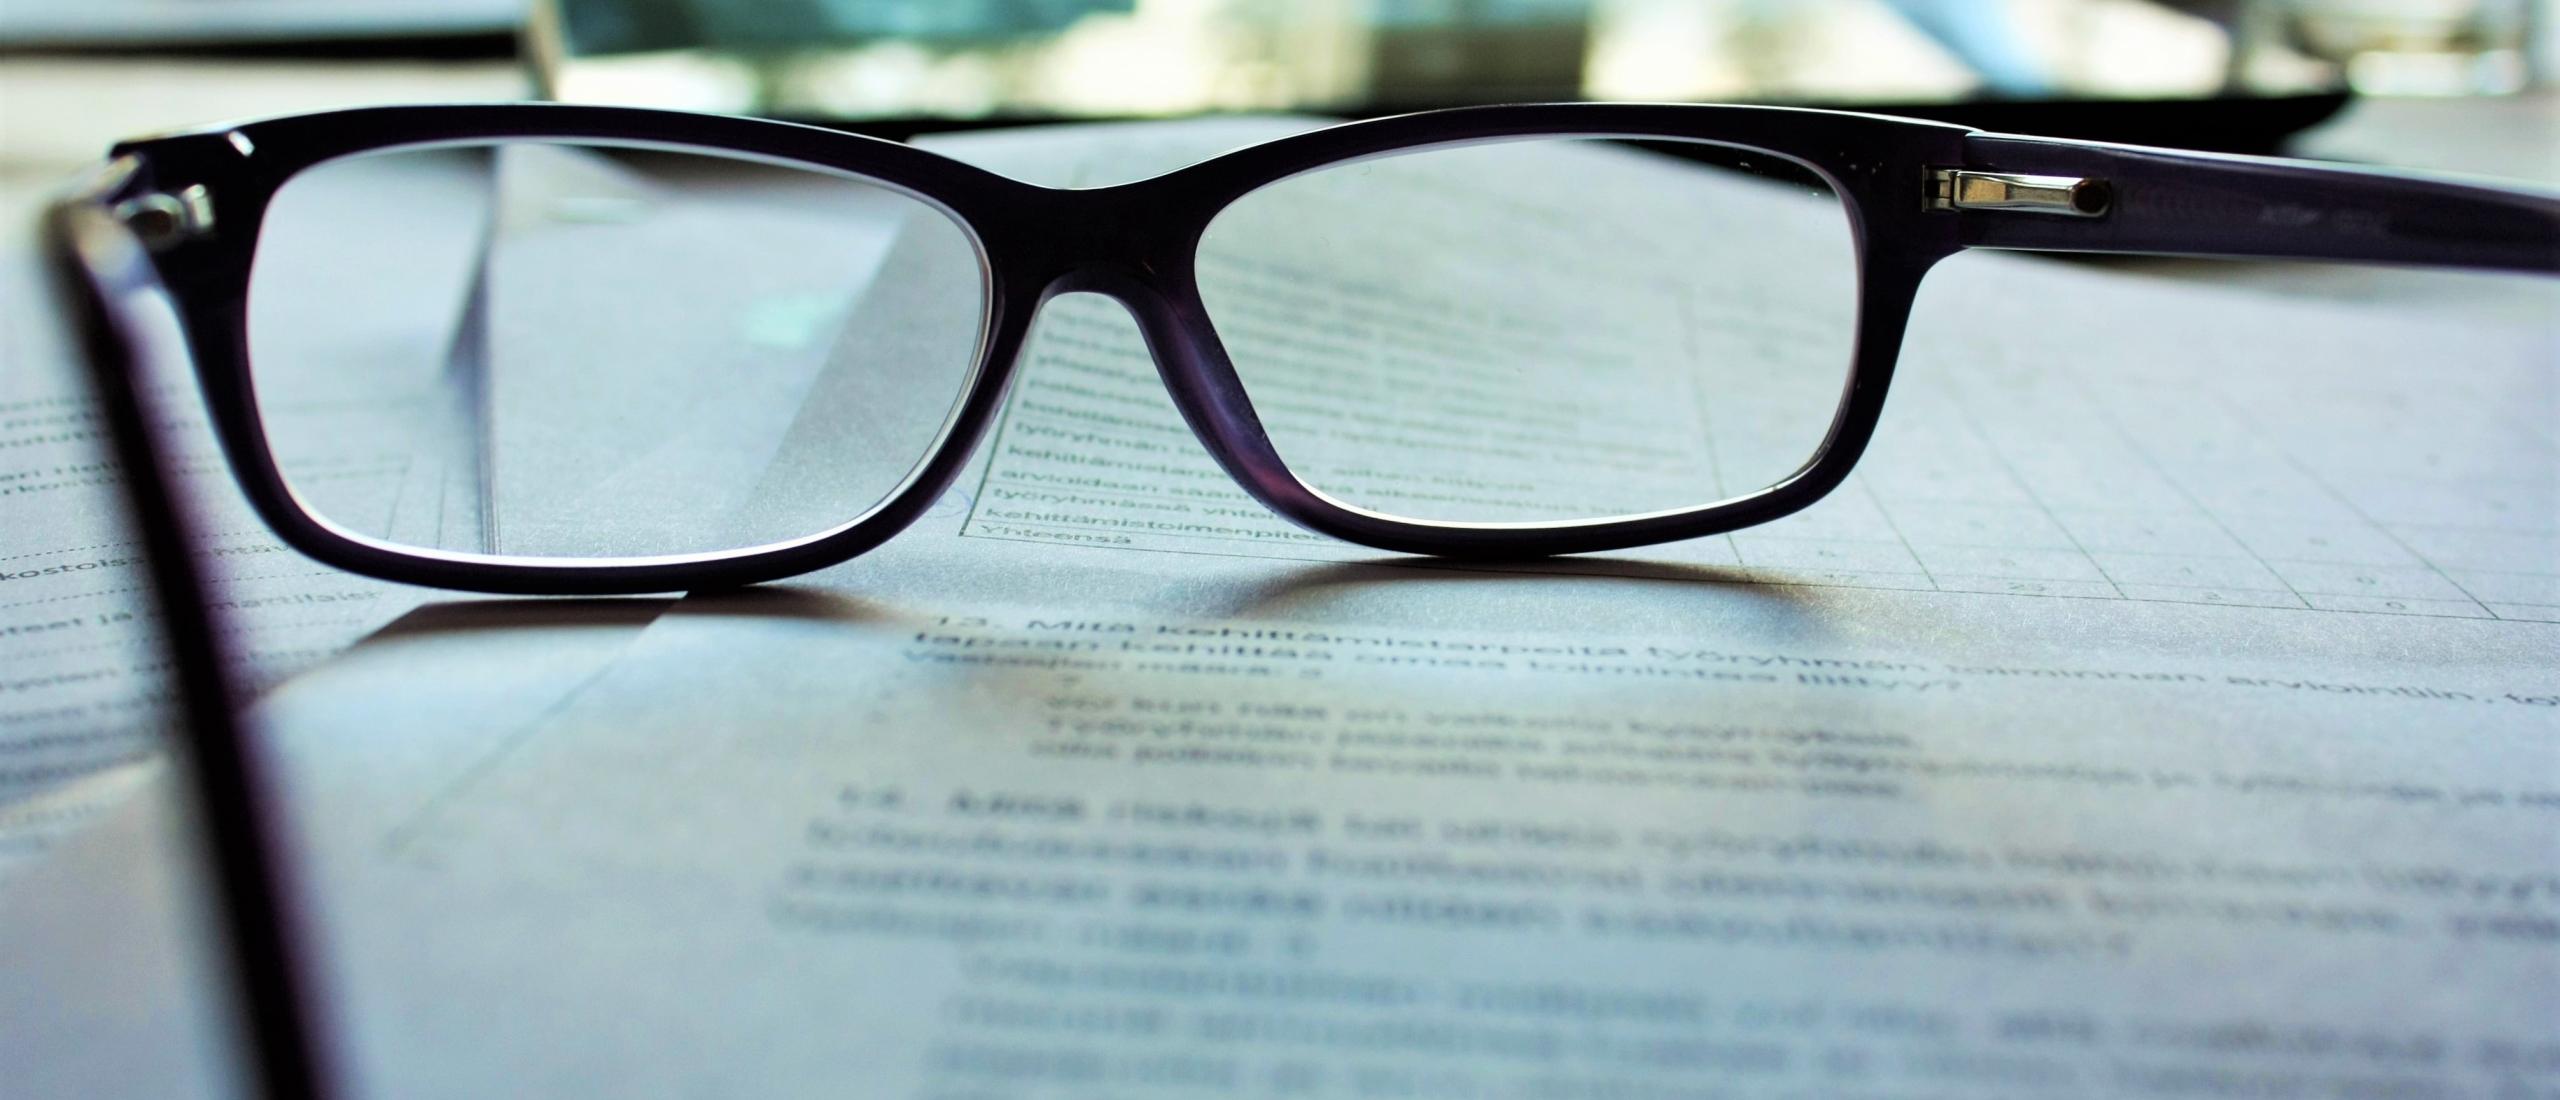 Schermgebruik en ogen, wat zijn de gevolgen?